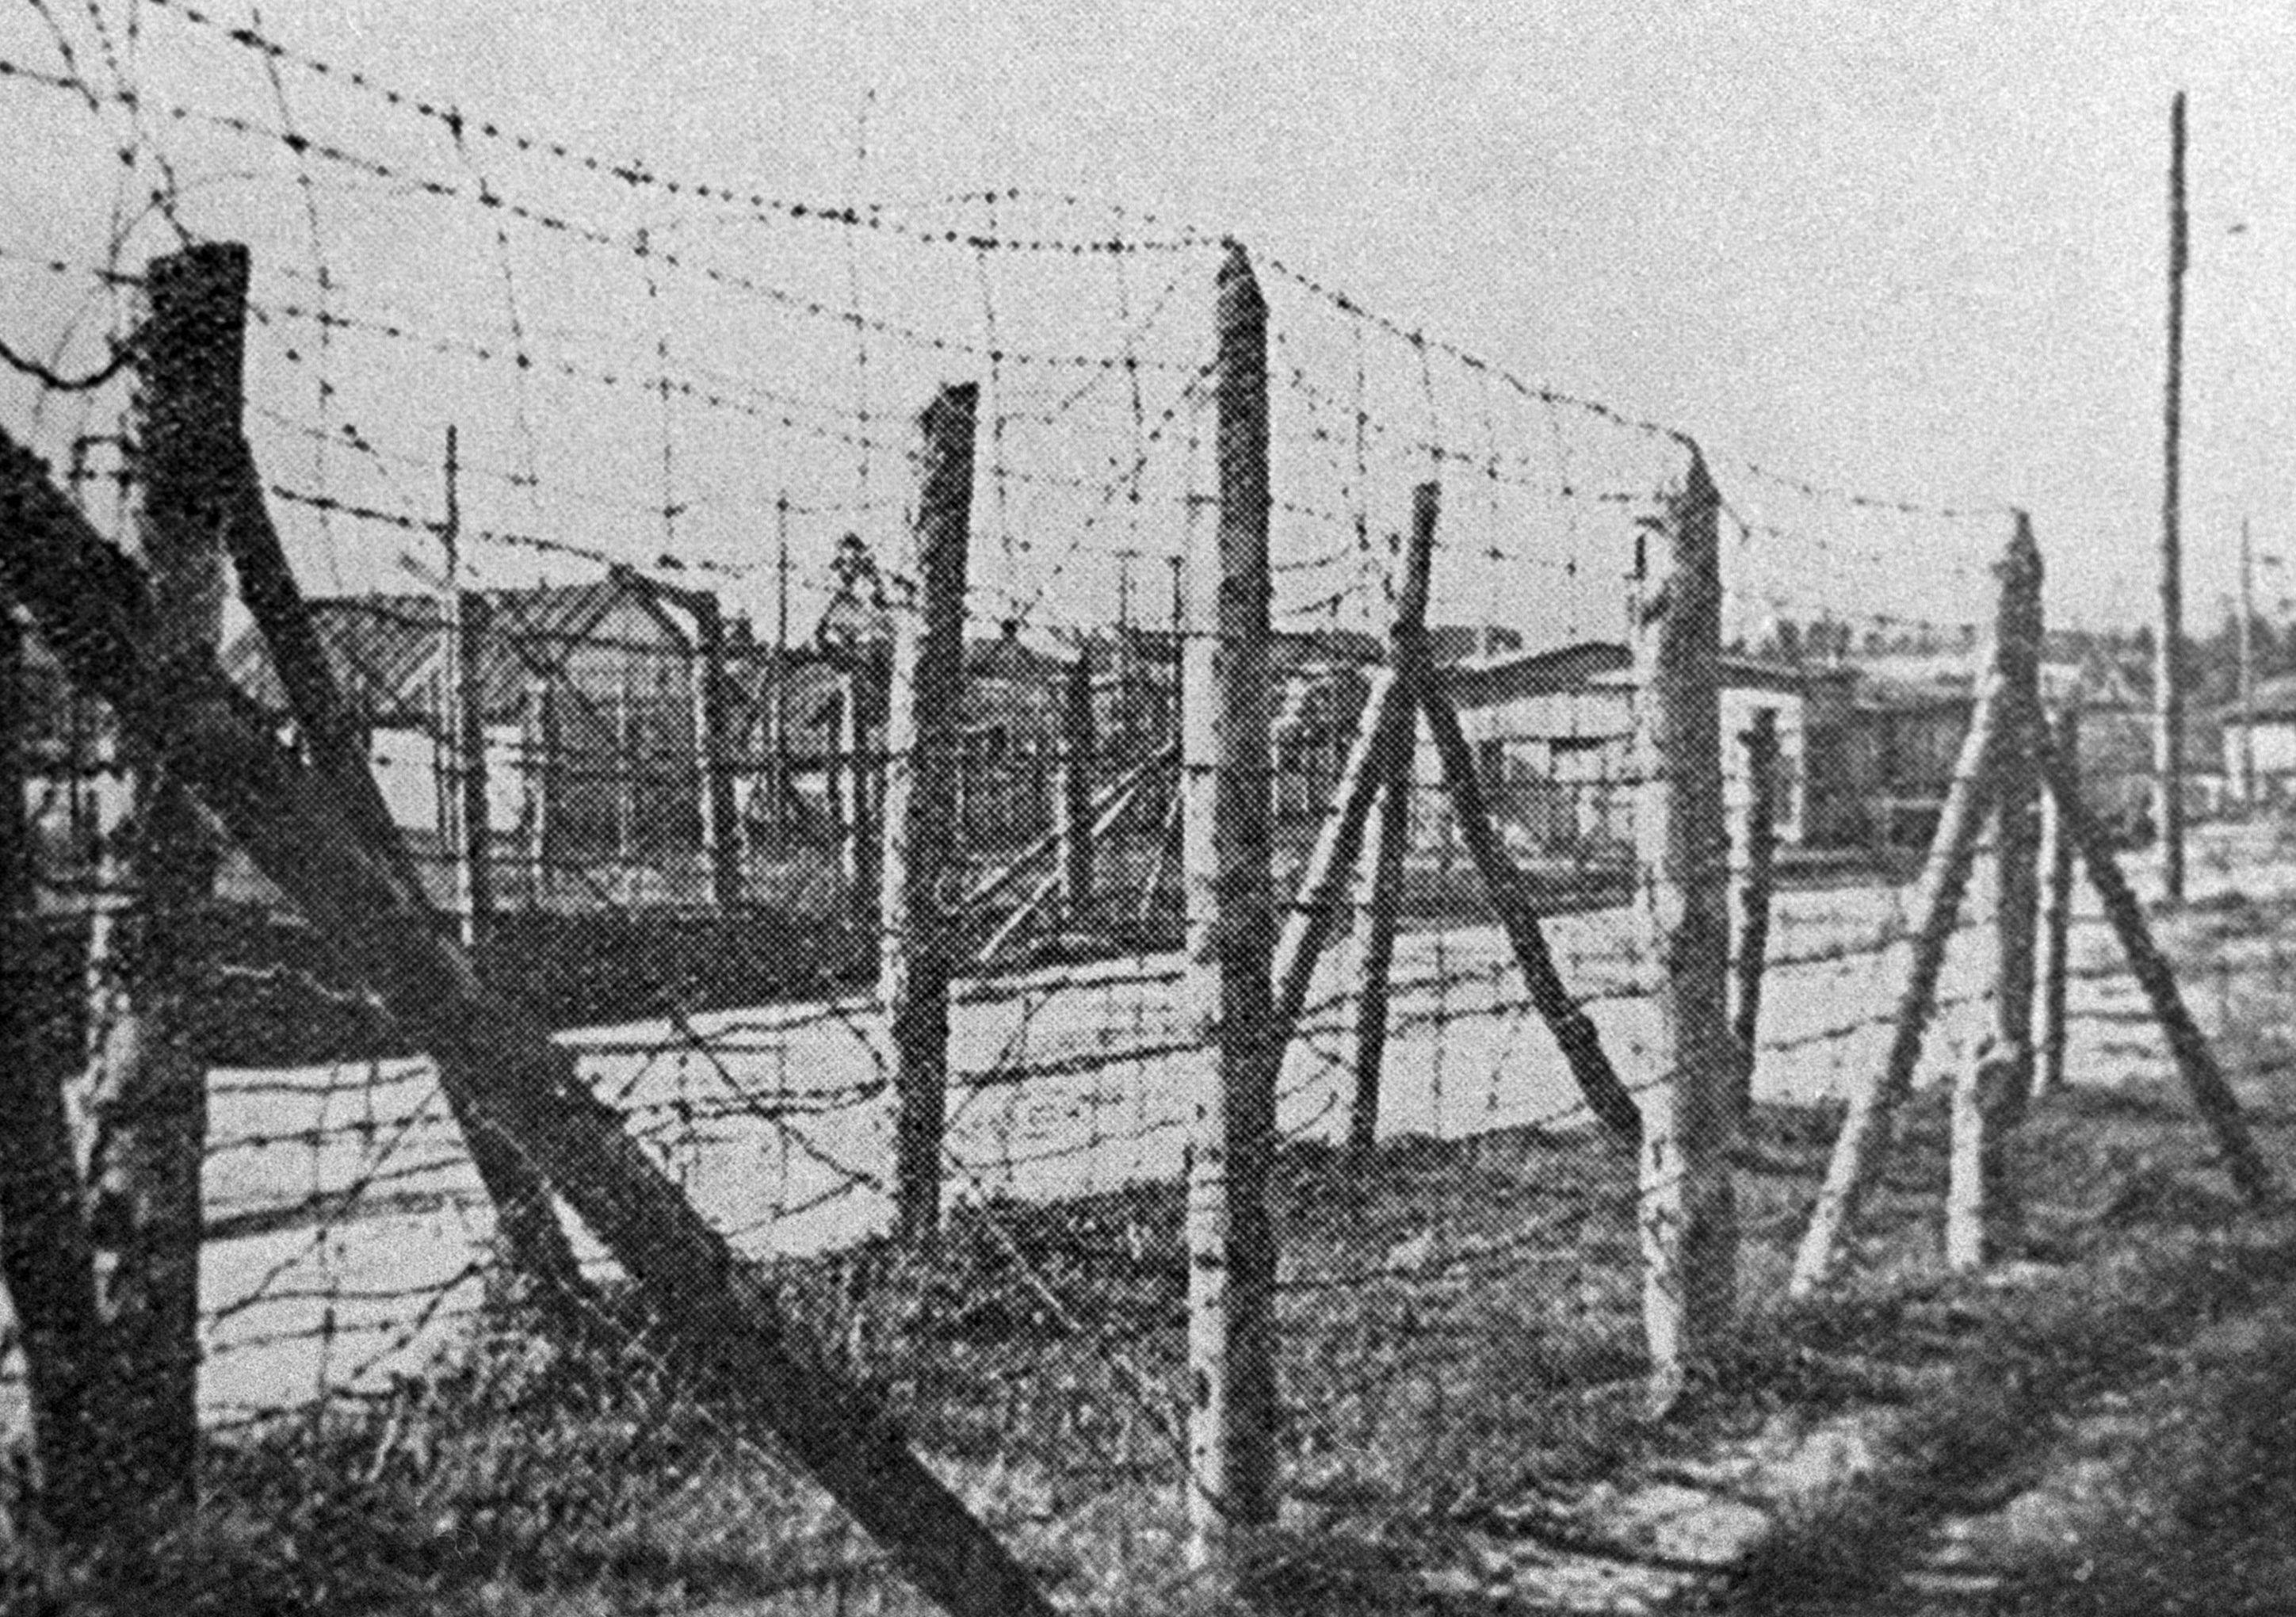 Концентрационный лагерь Саласпилс (концлагерь